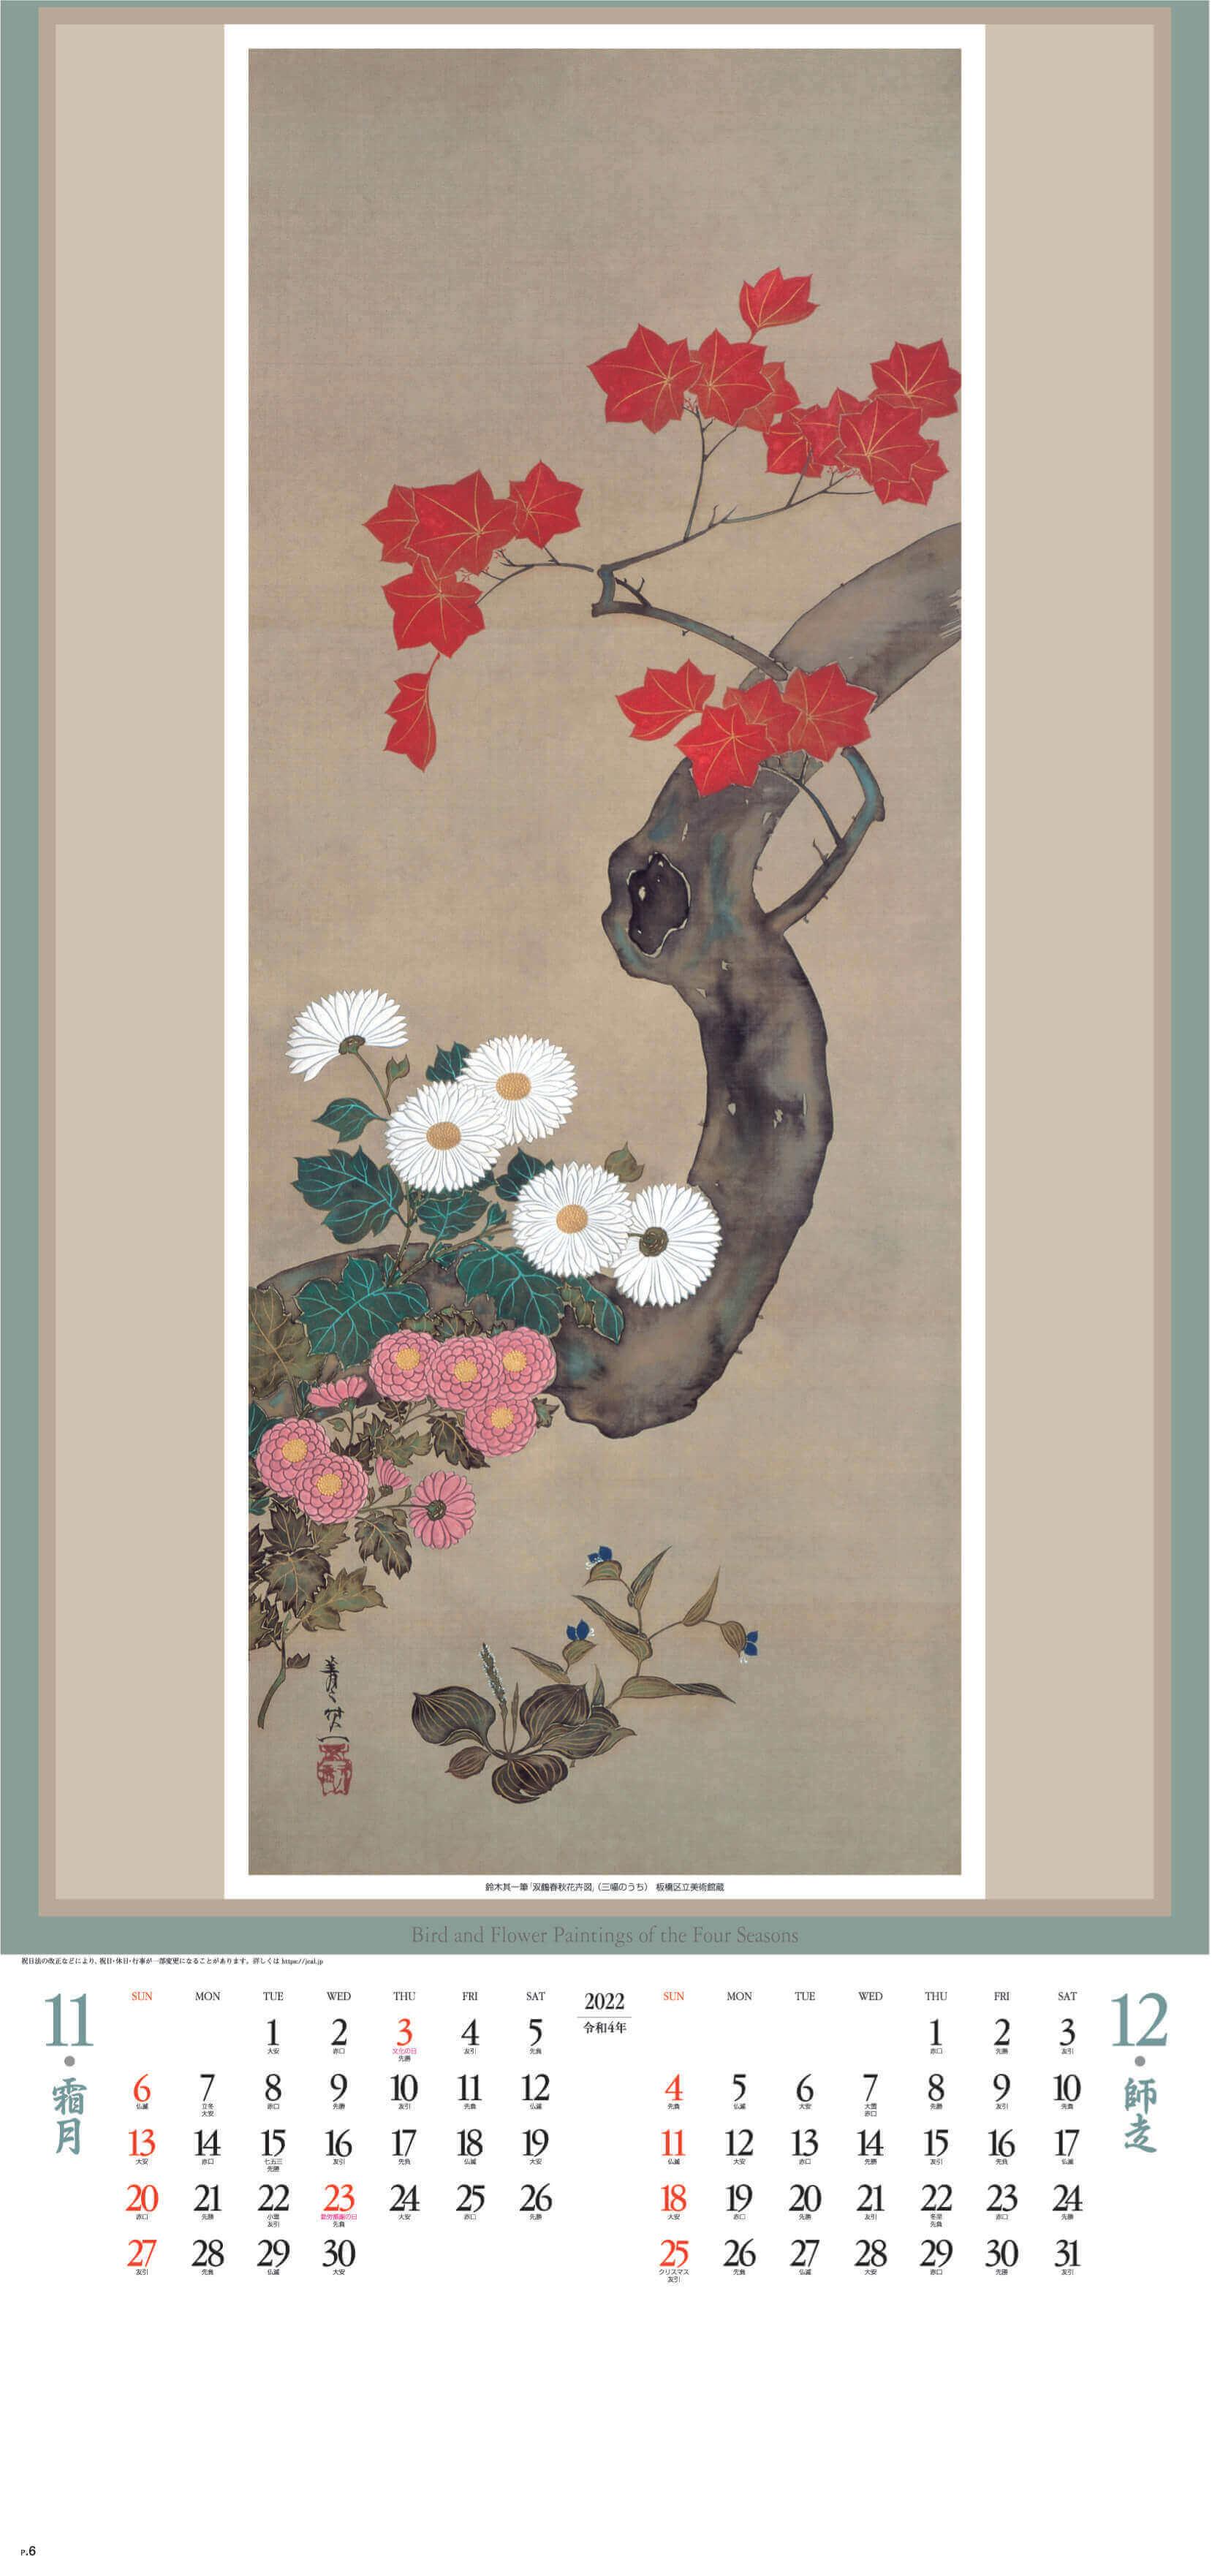 11-12月 鈴木其一「双鶴春秋花卉図」 江戸花鳥画集 紐付き 2022年カレンダーの画像